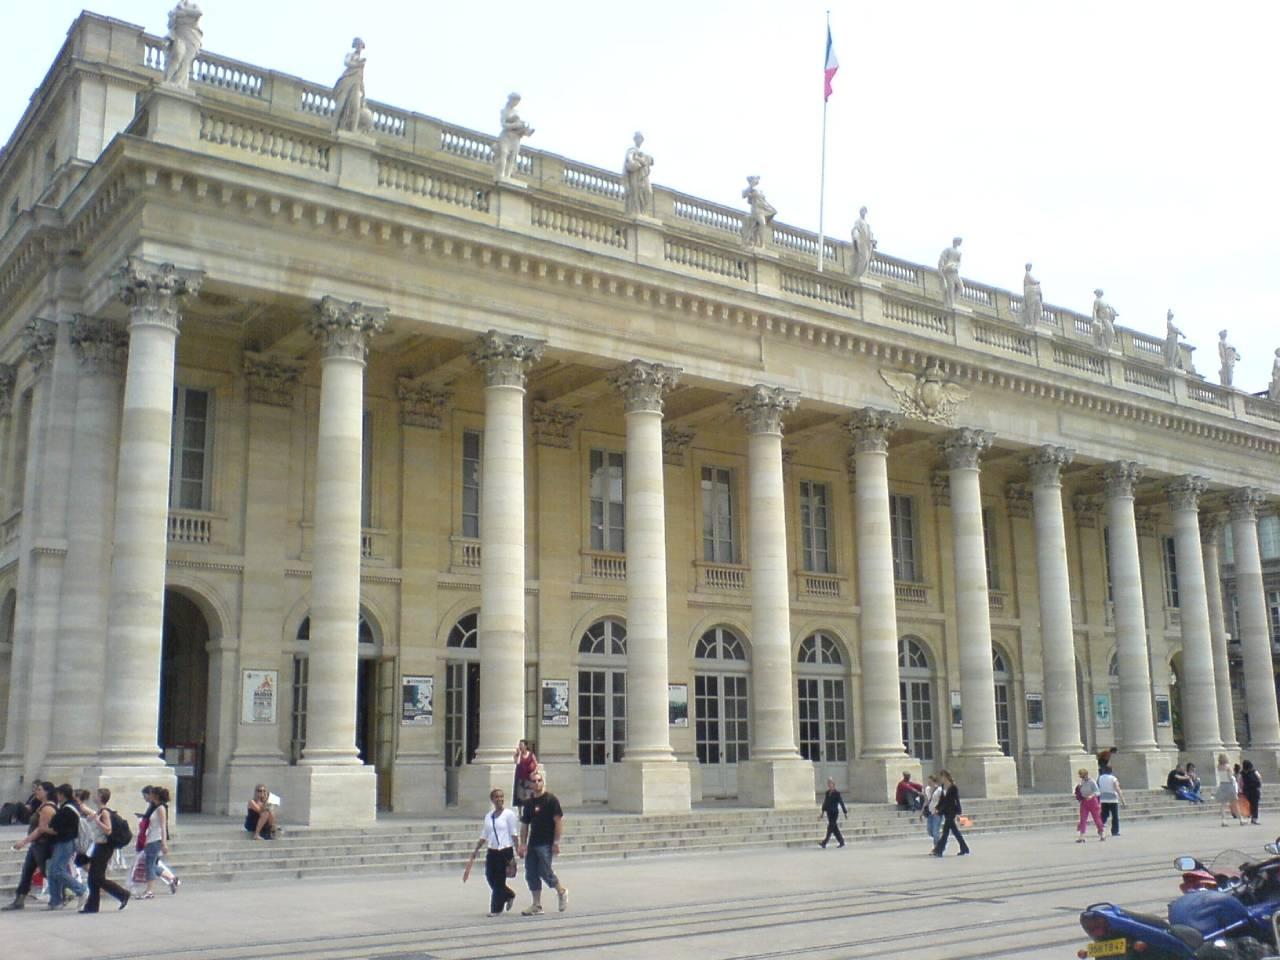 L'opéra national de Bordeaux – Le Grand Théâtre